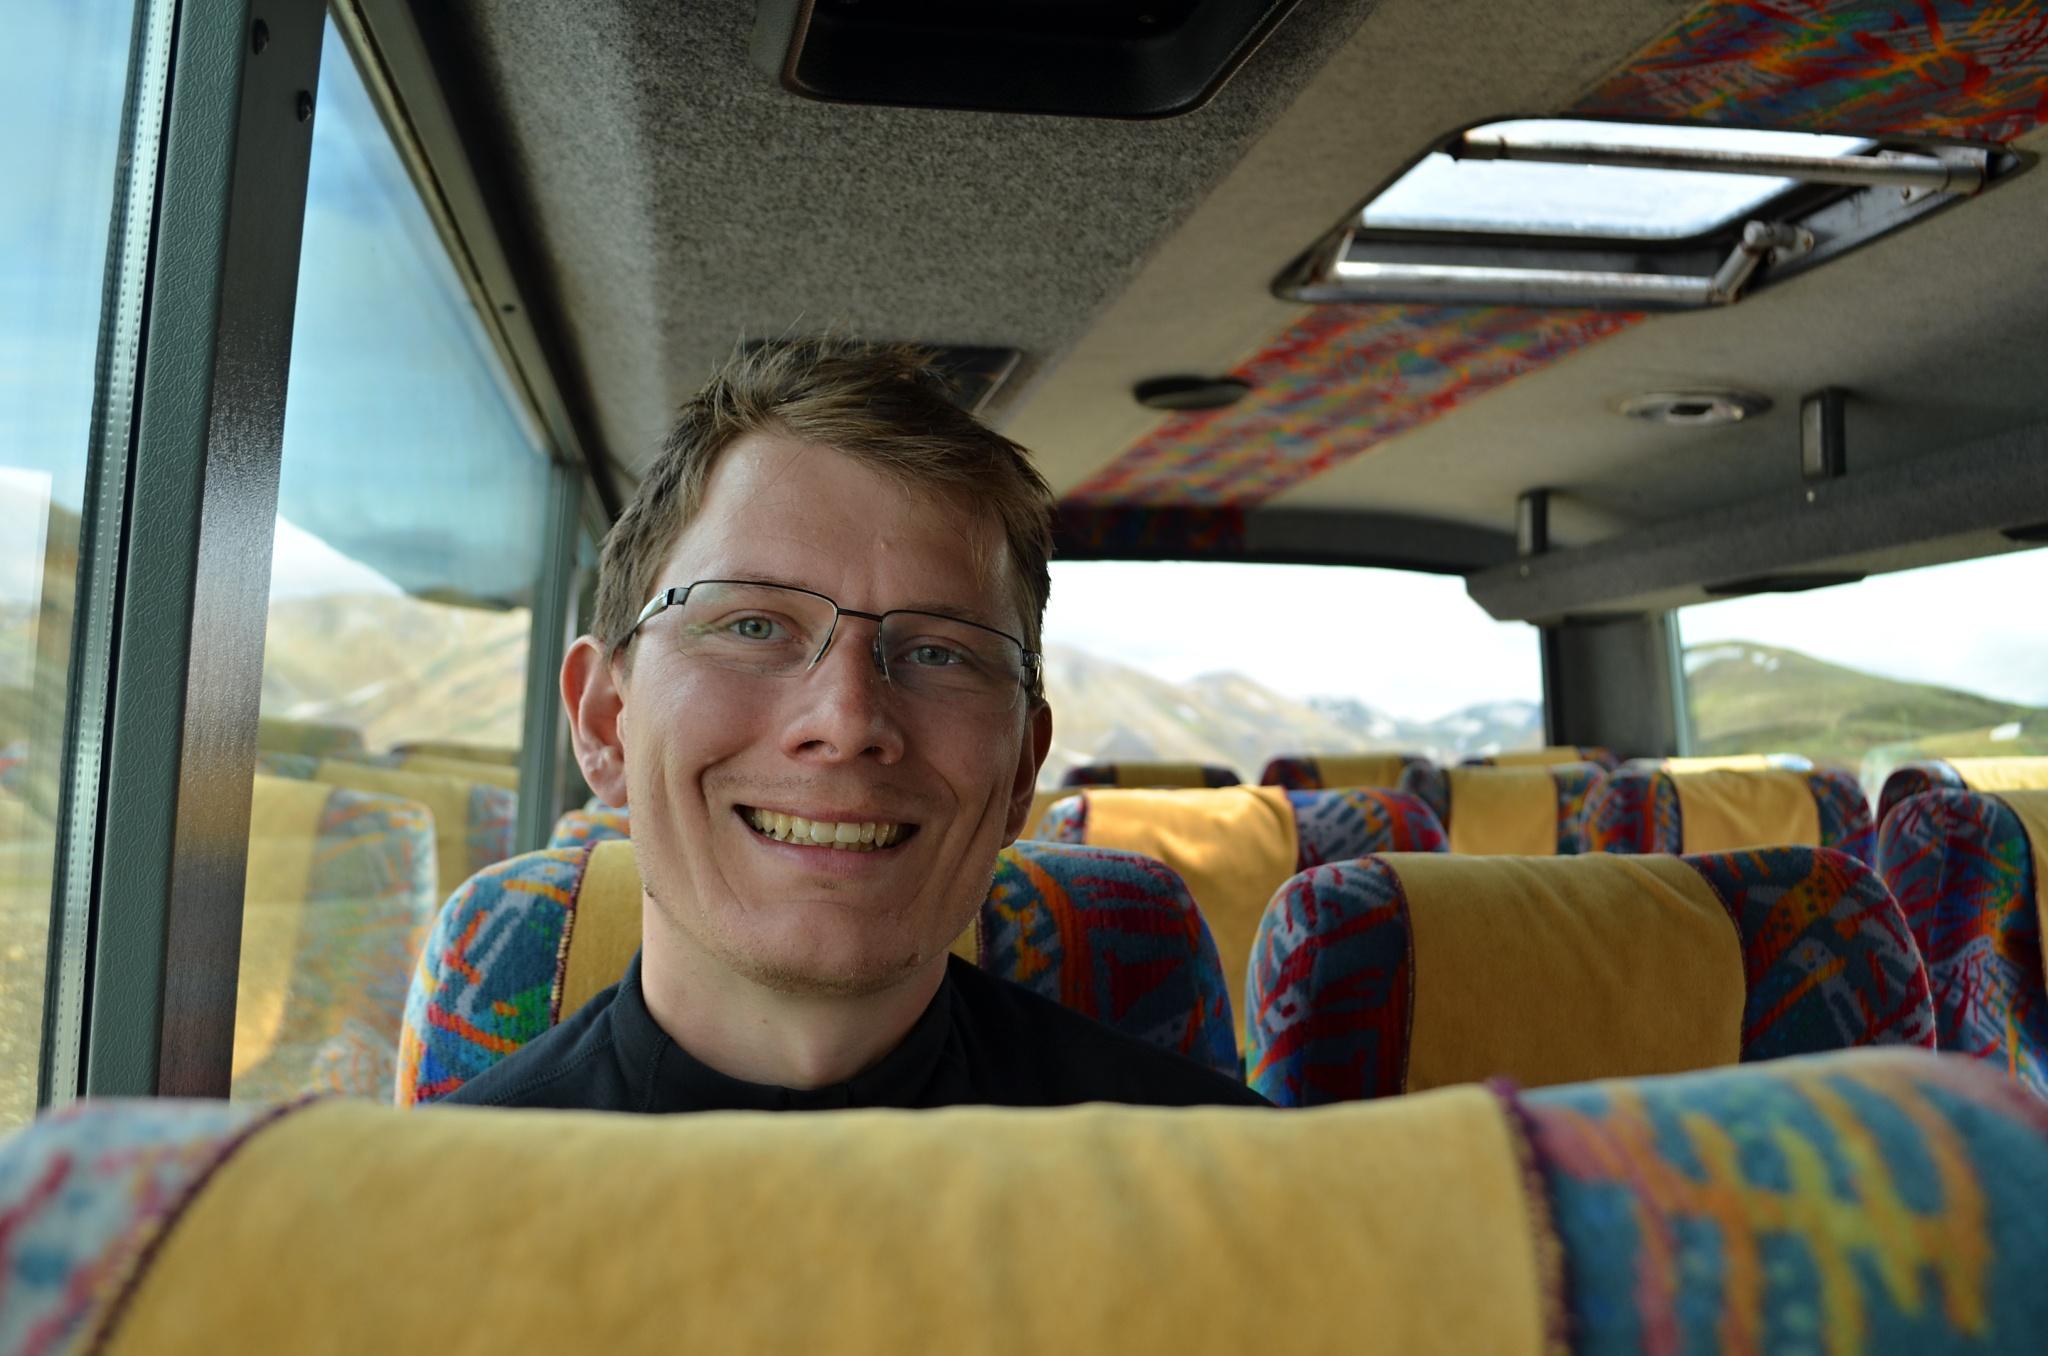 Konečně v autobuse